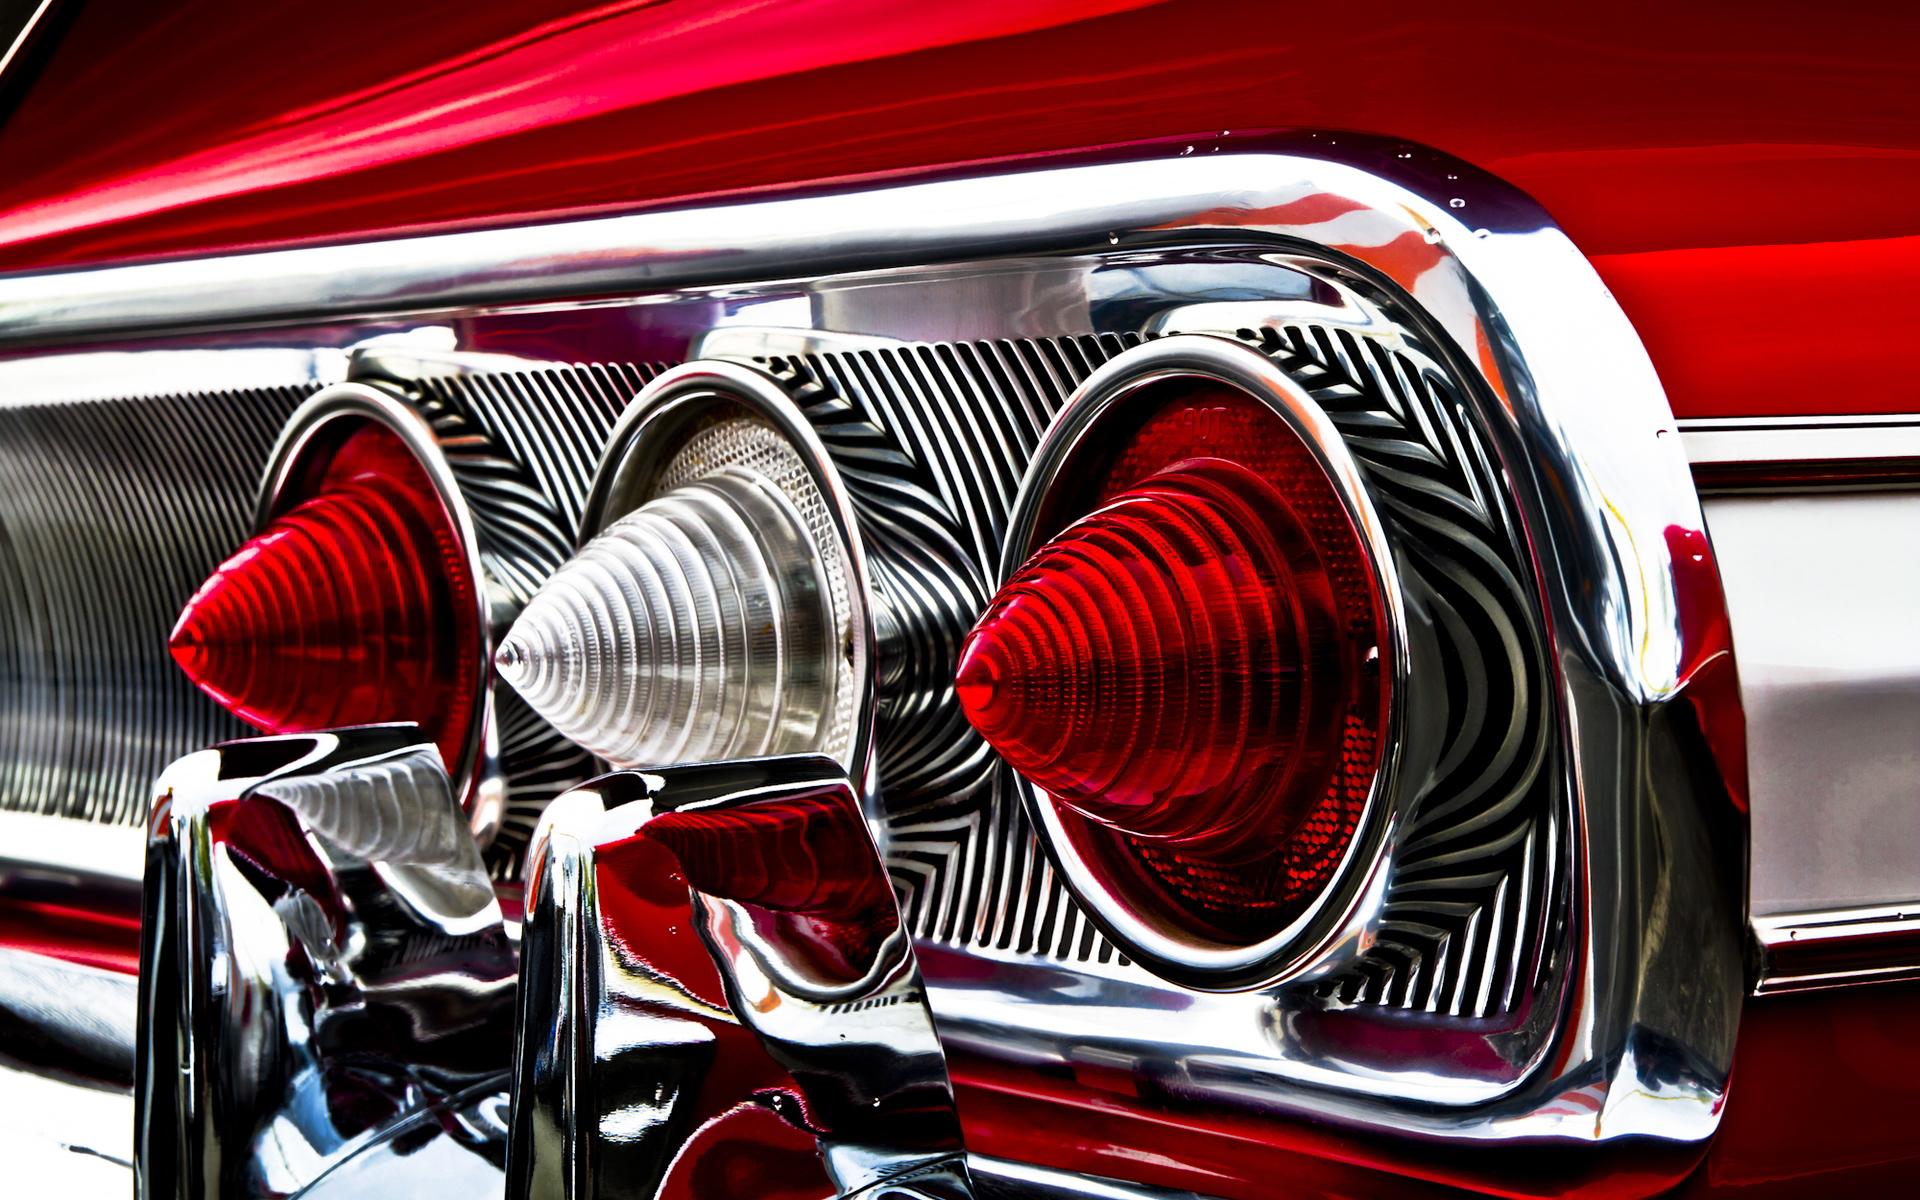 Impala Rear Lights Wallpaper